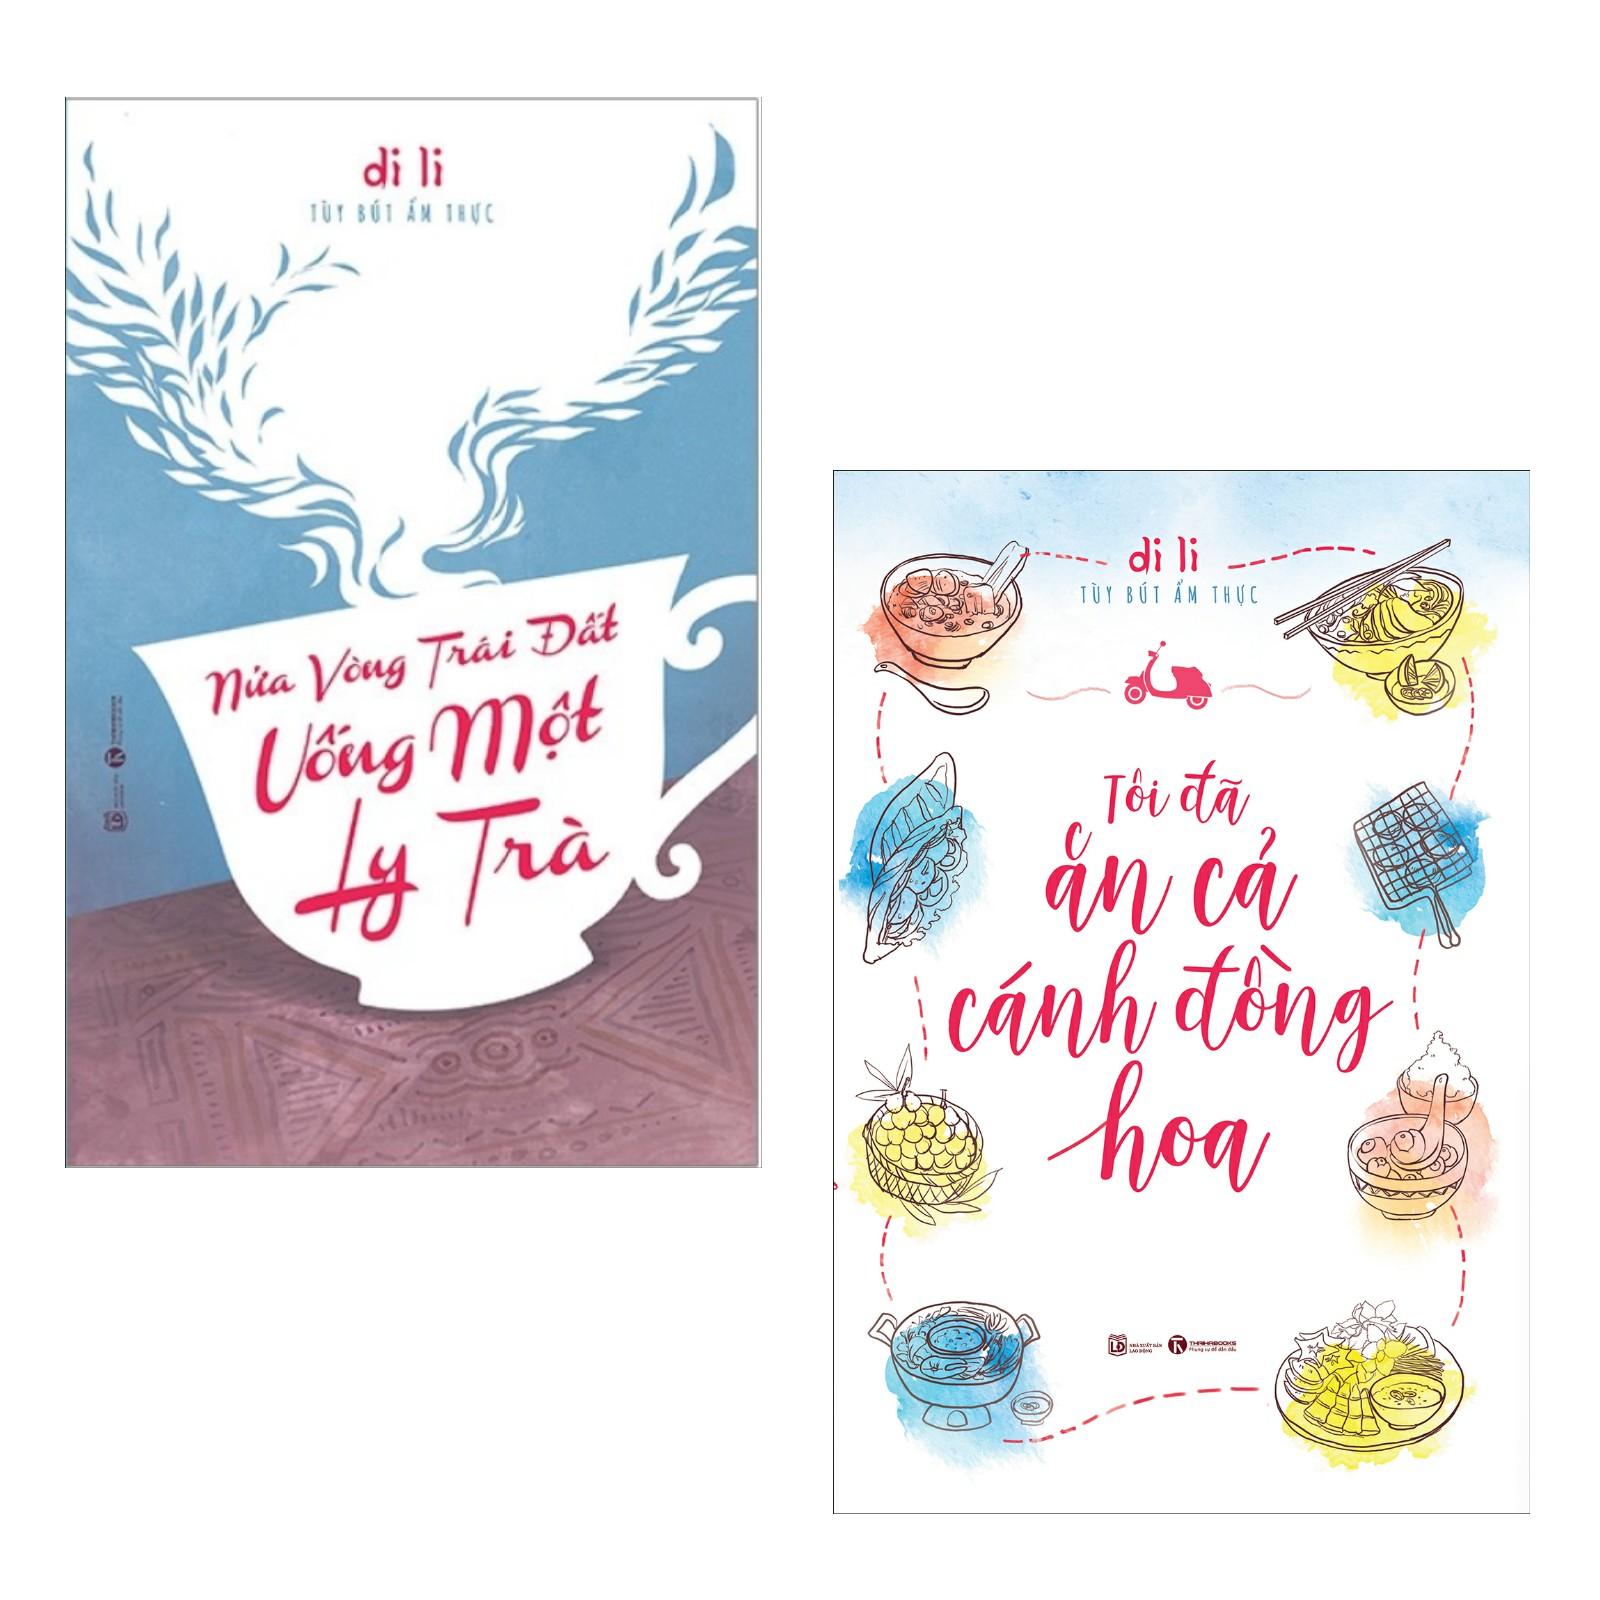 Combo 2 Cuốn Sách : Nửa Vòng Trái Đất Uống Một Ly Trà + Tôi Đã Ăn Cả Cánh Đồng Hoa (Tặng kèm Bookmark Happy Life )